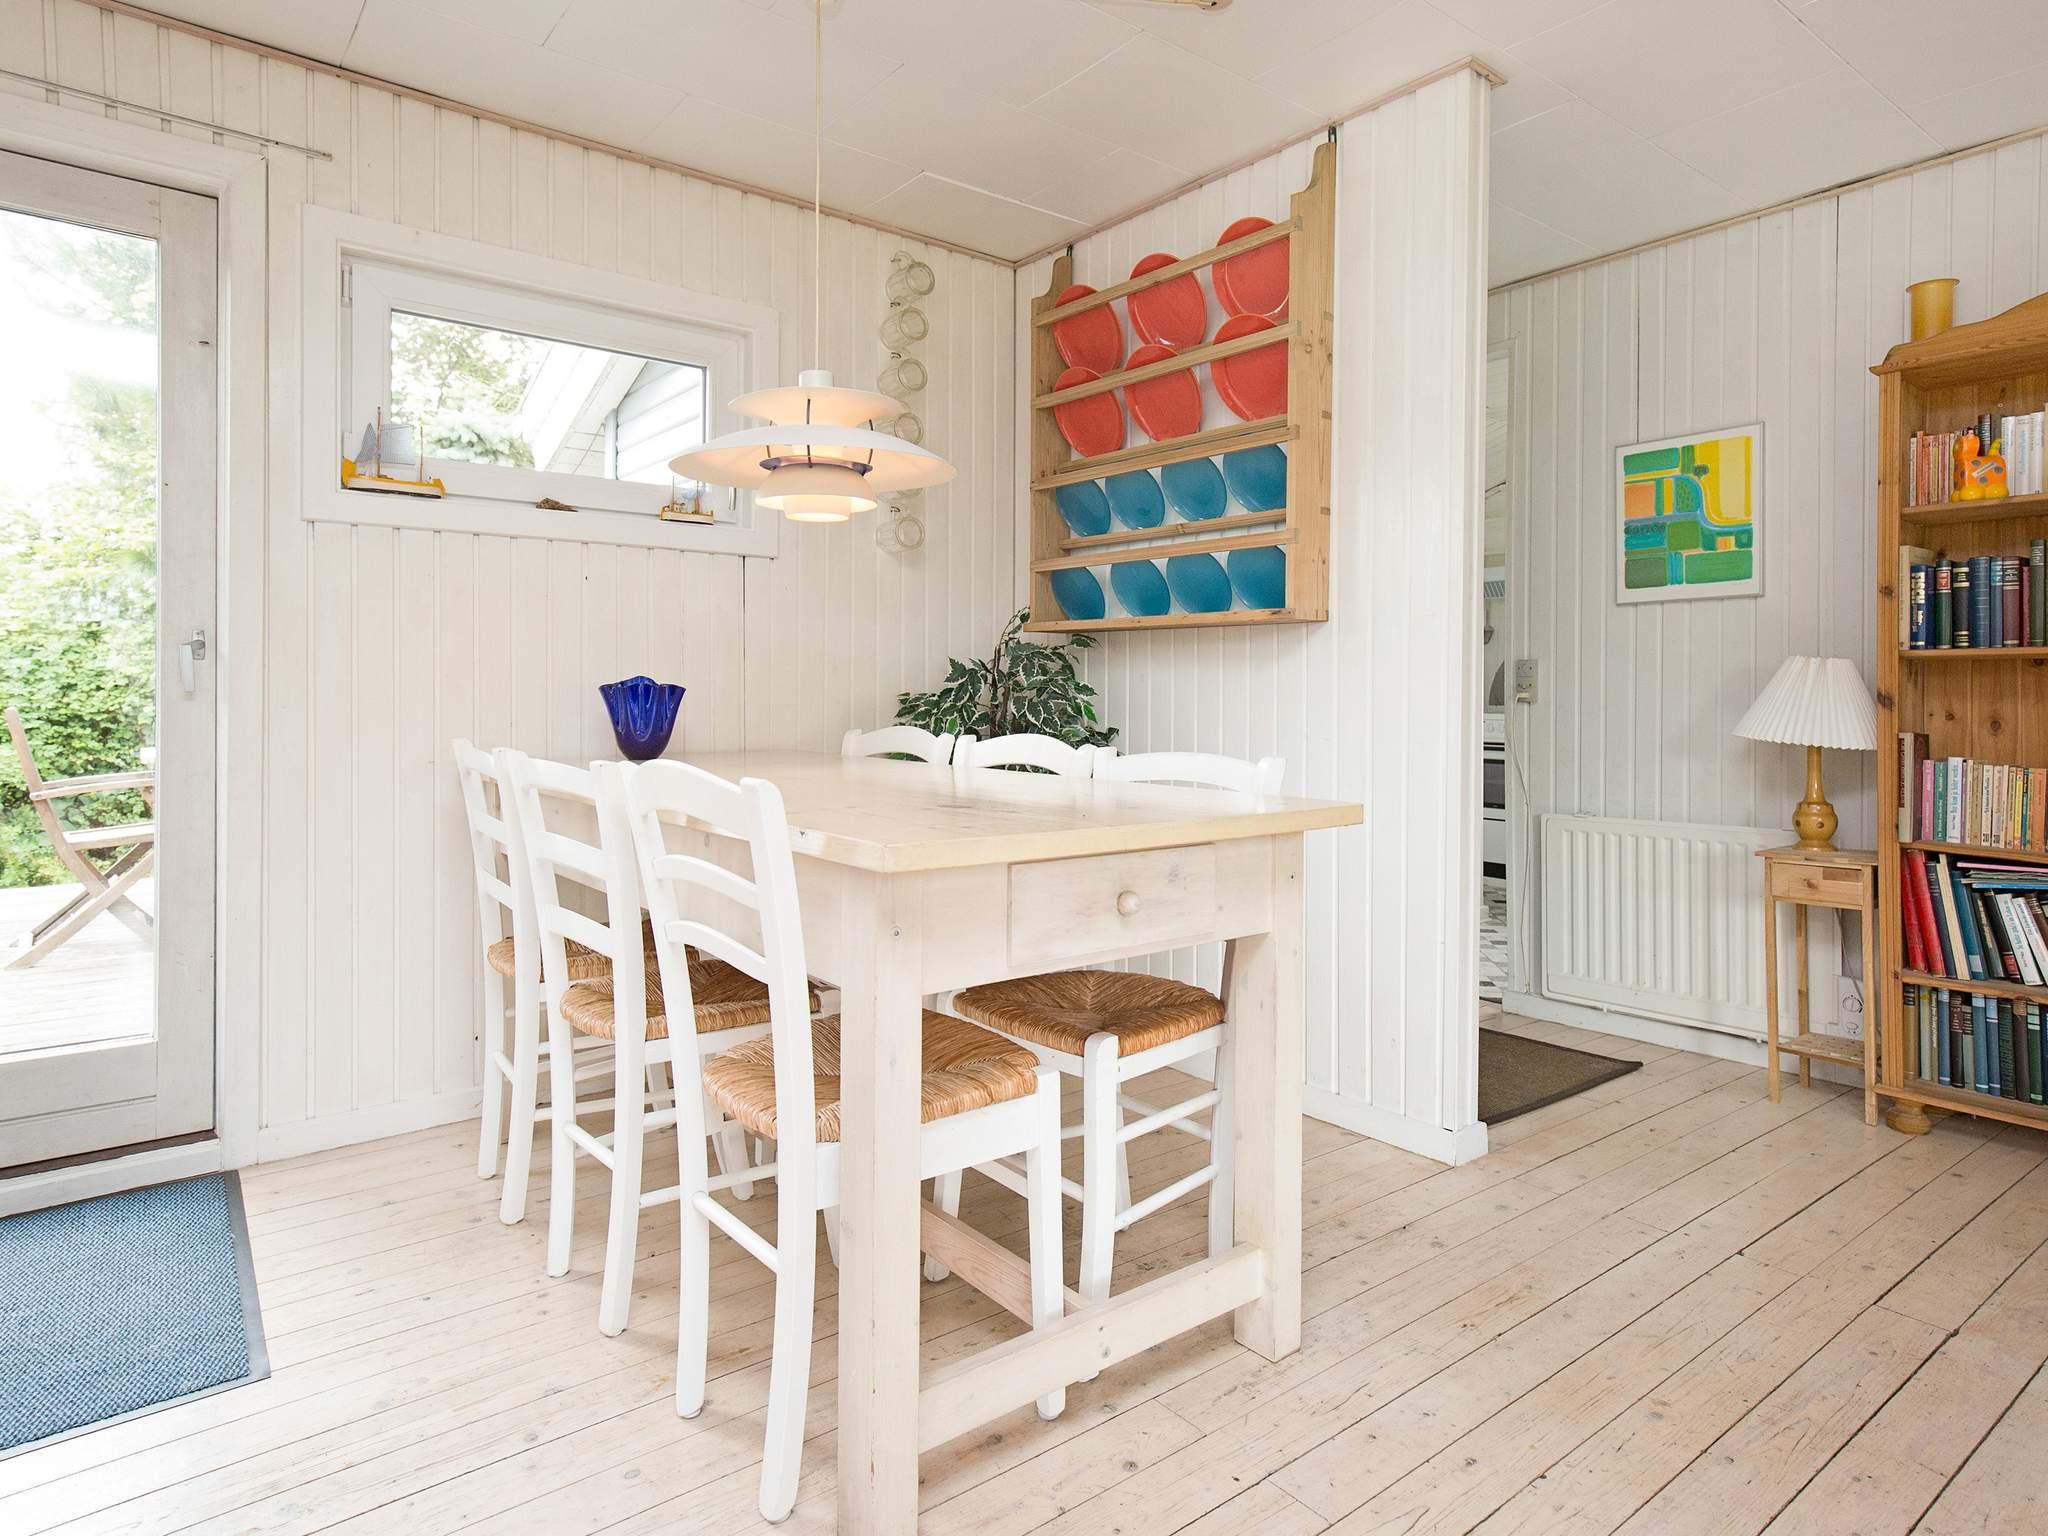 Ferienhaus Enø (85461), Karrebæksminde, , Südseeland, Dänemark, Bild 3